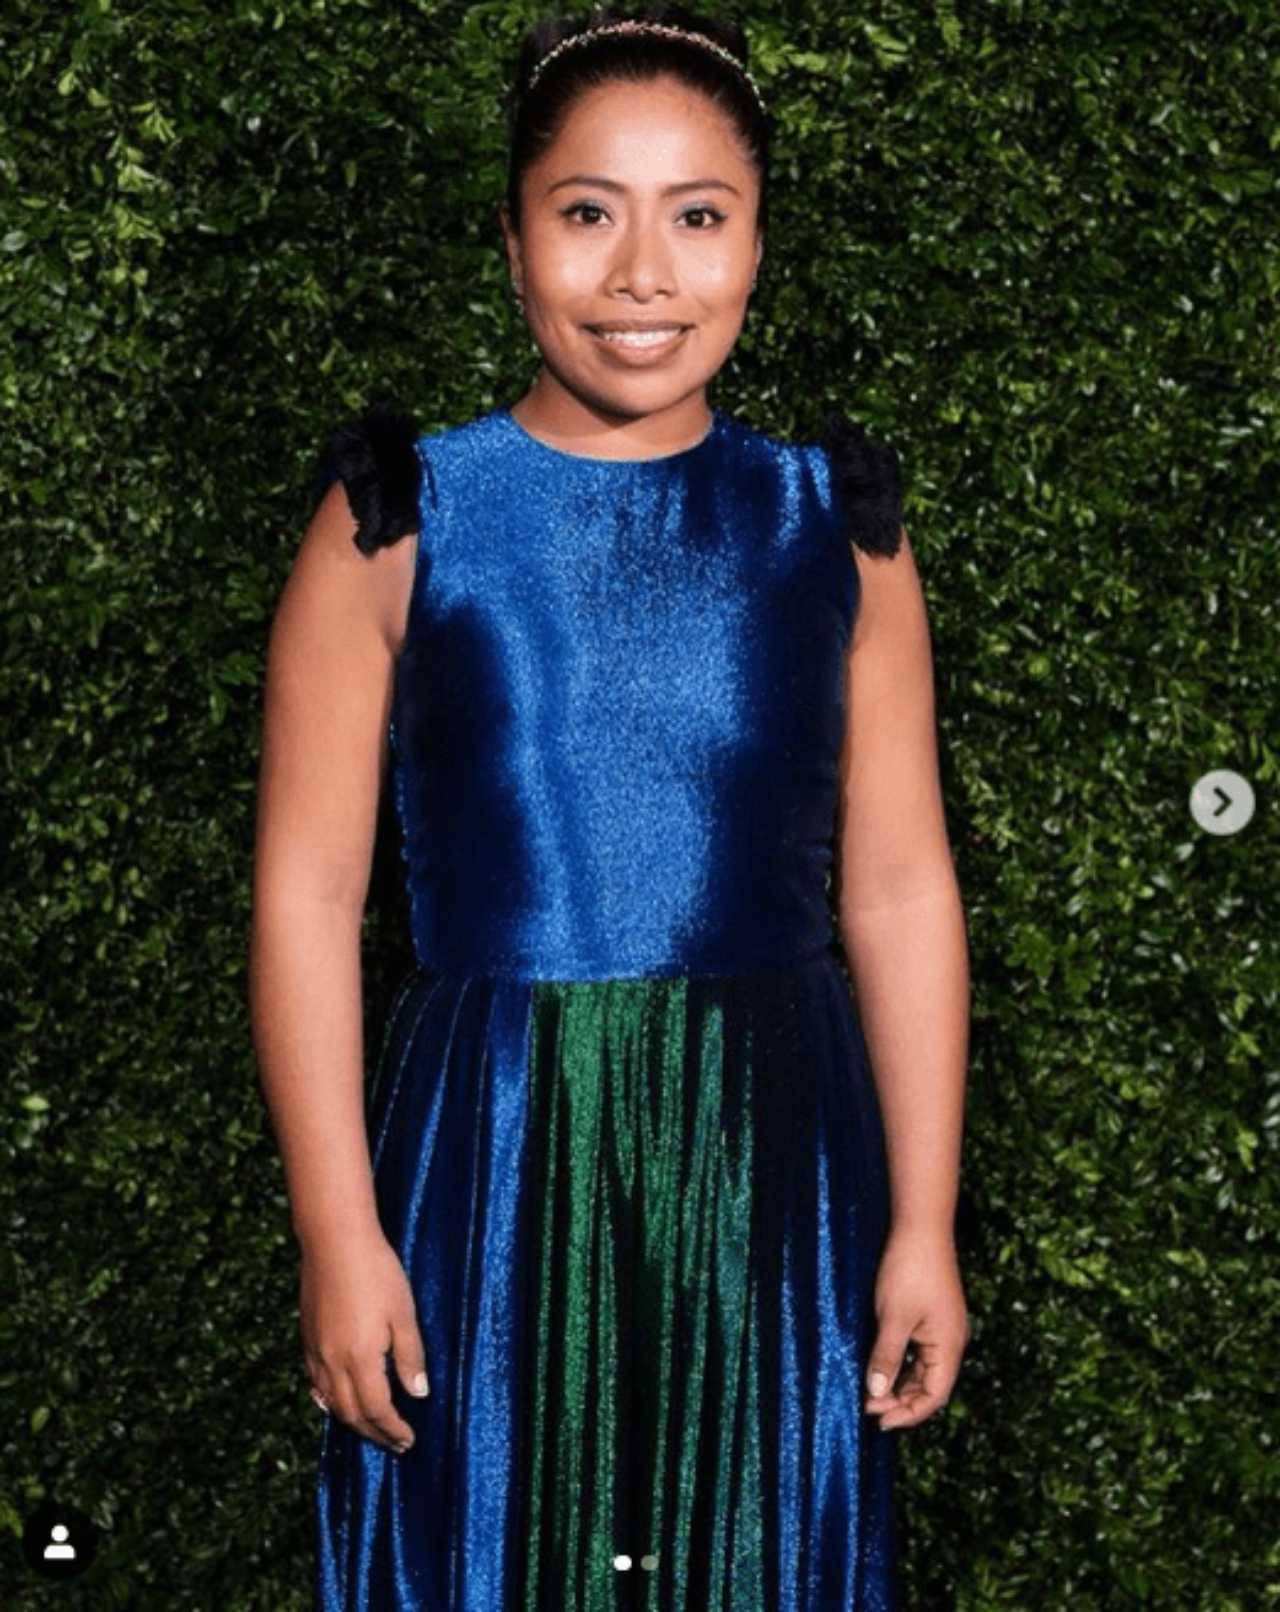 Yalitza Aparicio con vestido de Sergio Goyri en los premios BAFTA de 2019